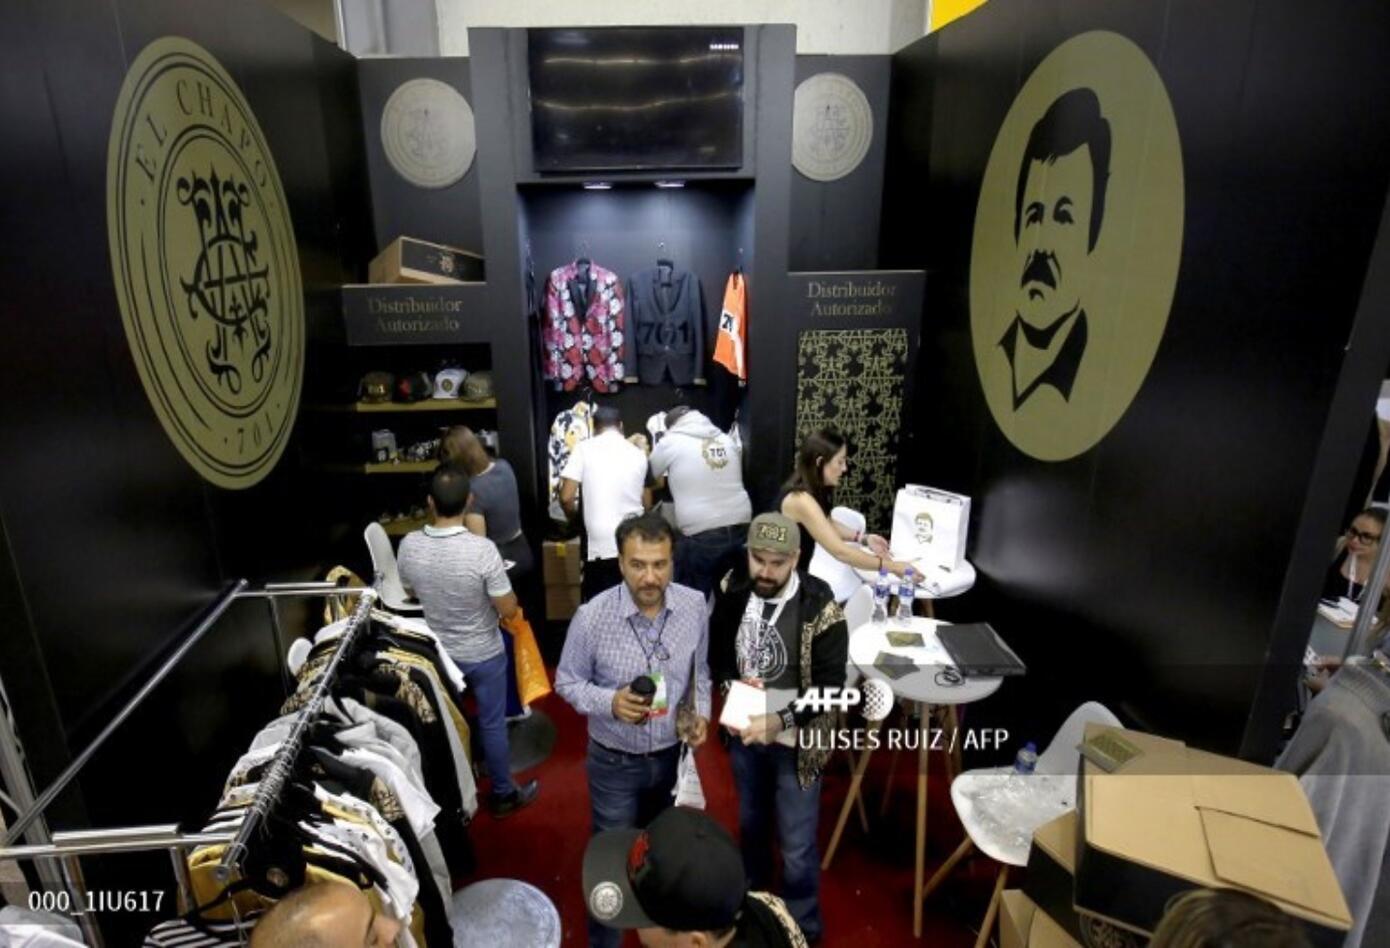 Prendas de ropa marca Chapo Guzmán